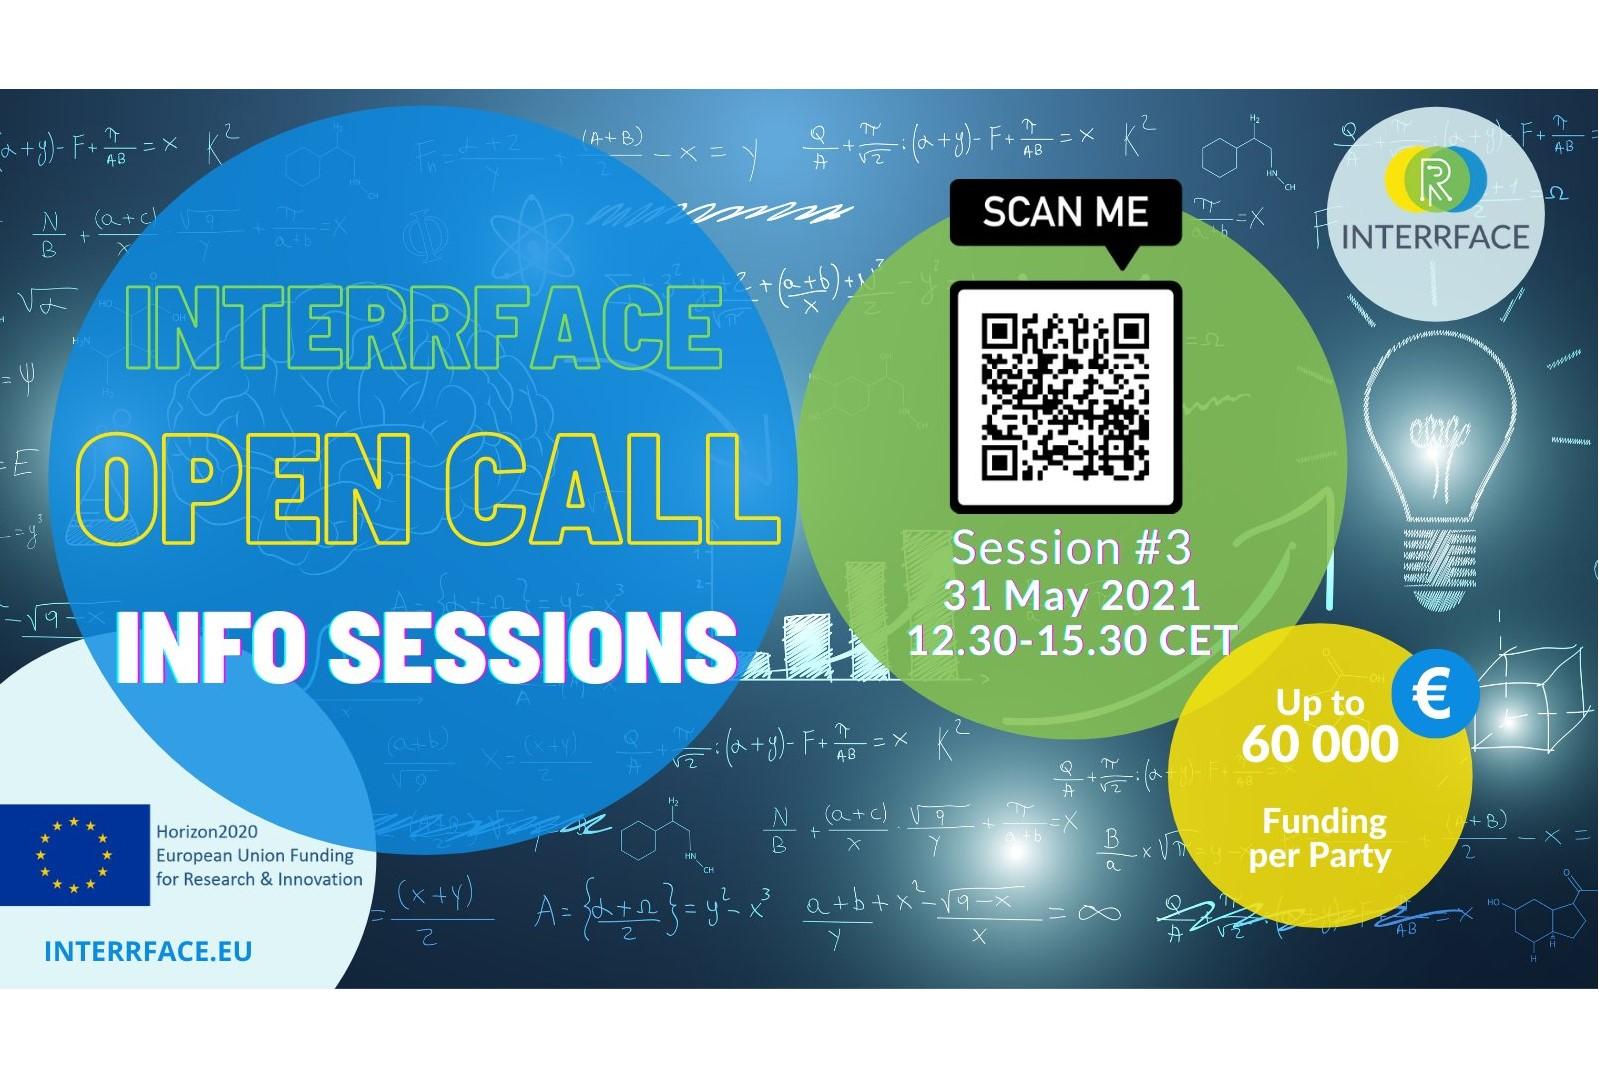 3rd INTERRFACE Open Call Webinar